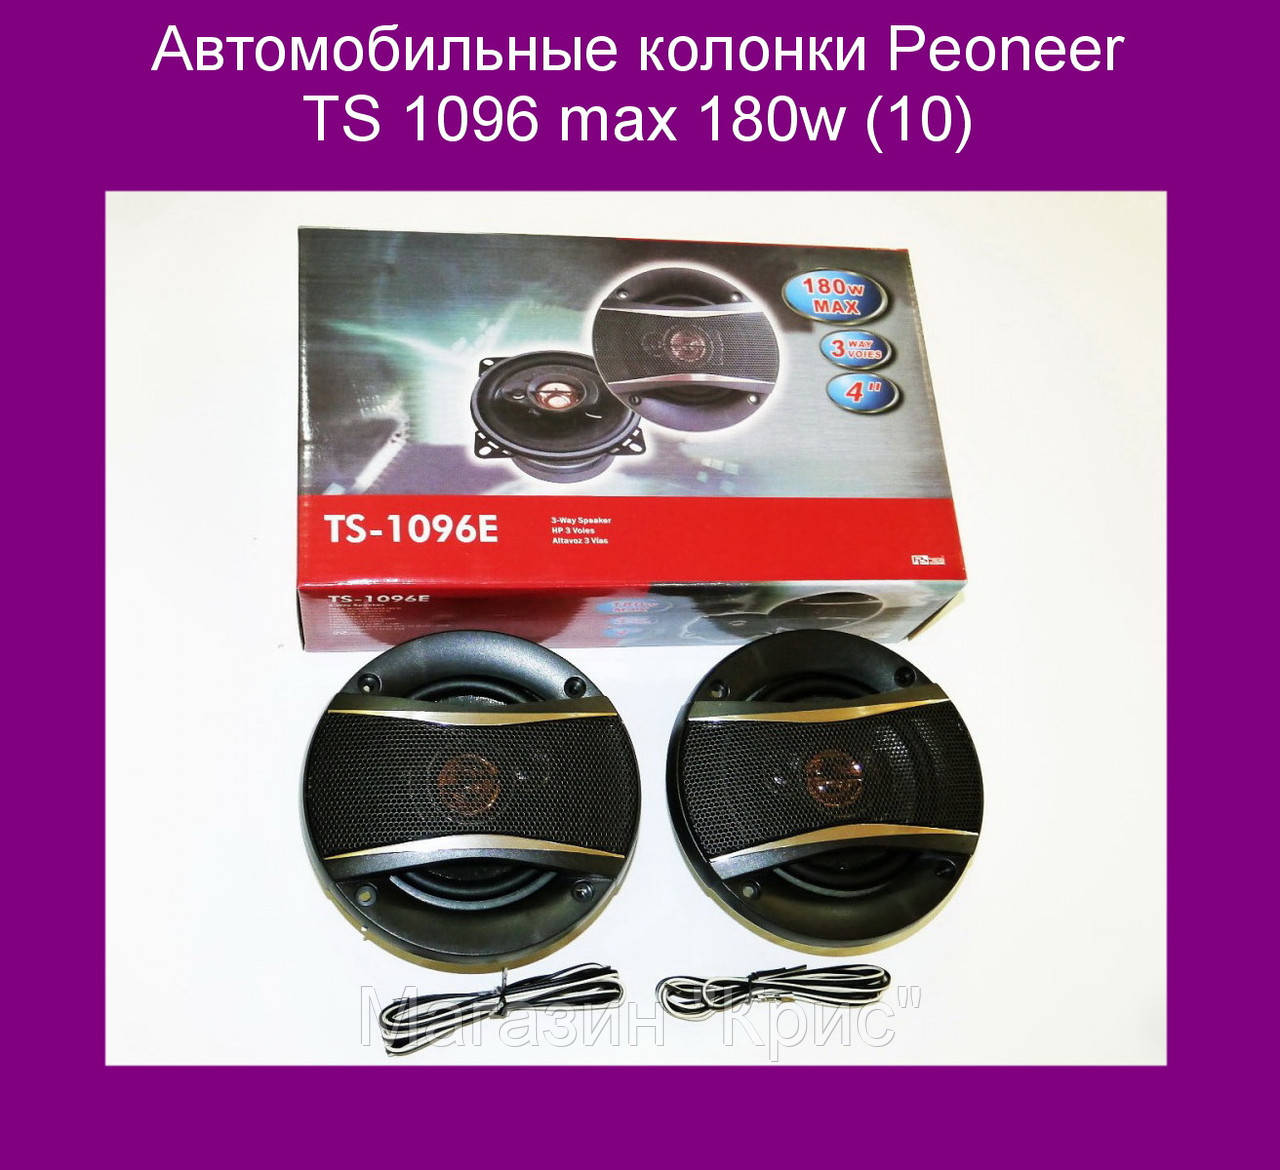 Sale! Автомобильные колонки Peoneer TS 1096 max 180w (10)